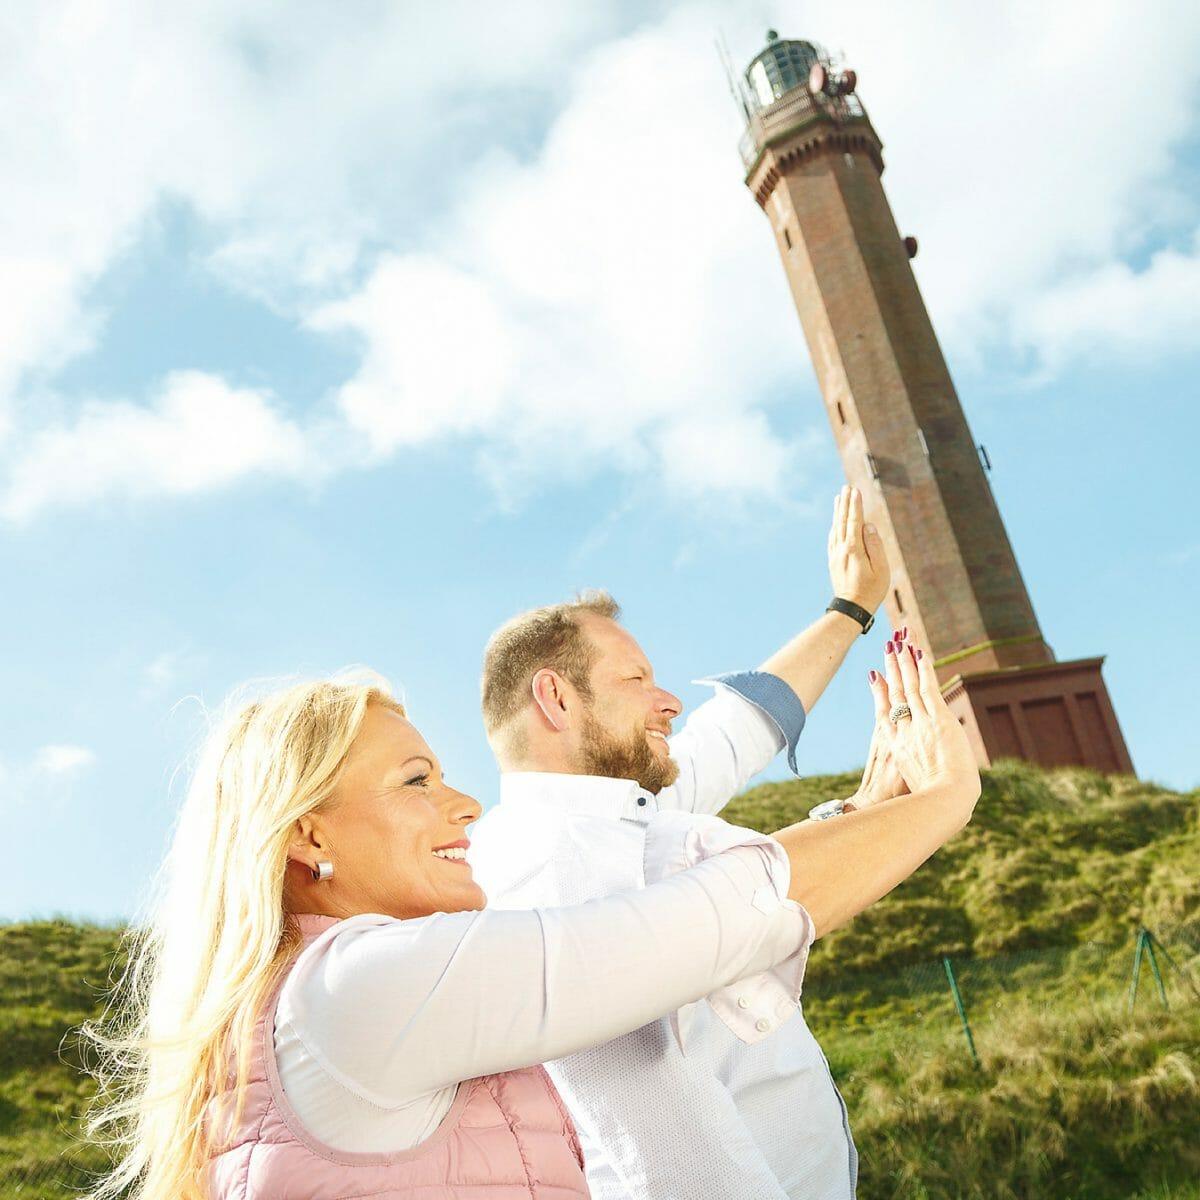 Martina Menken und Jürgen Kröger am Leuchtturm Norderney